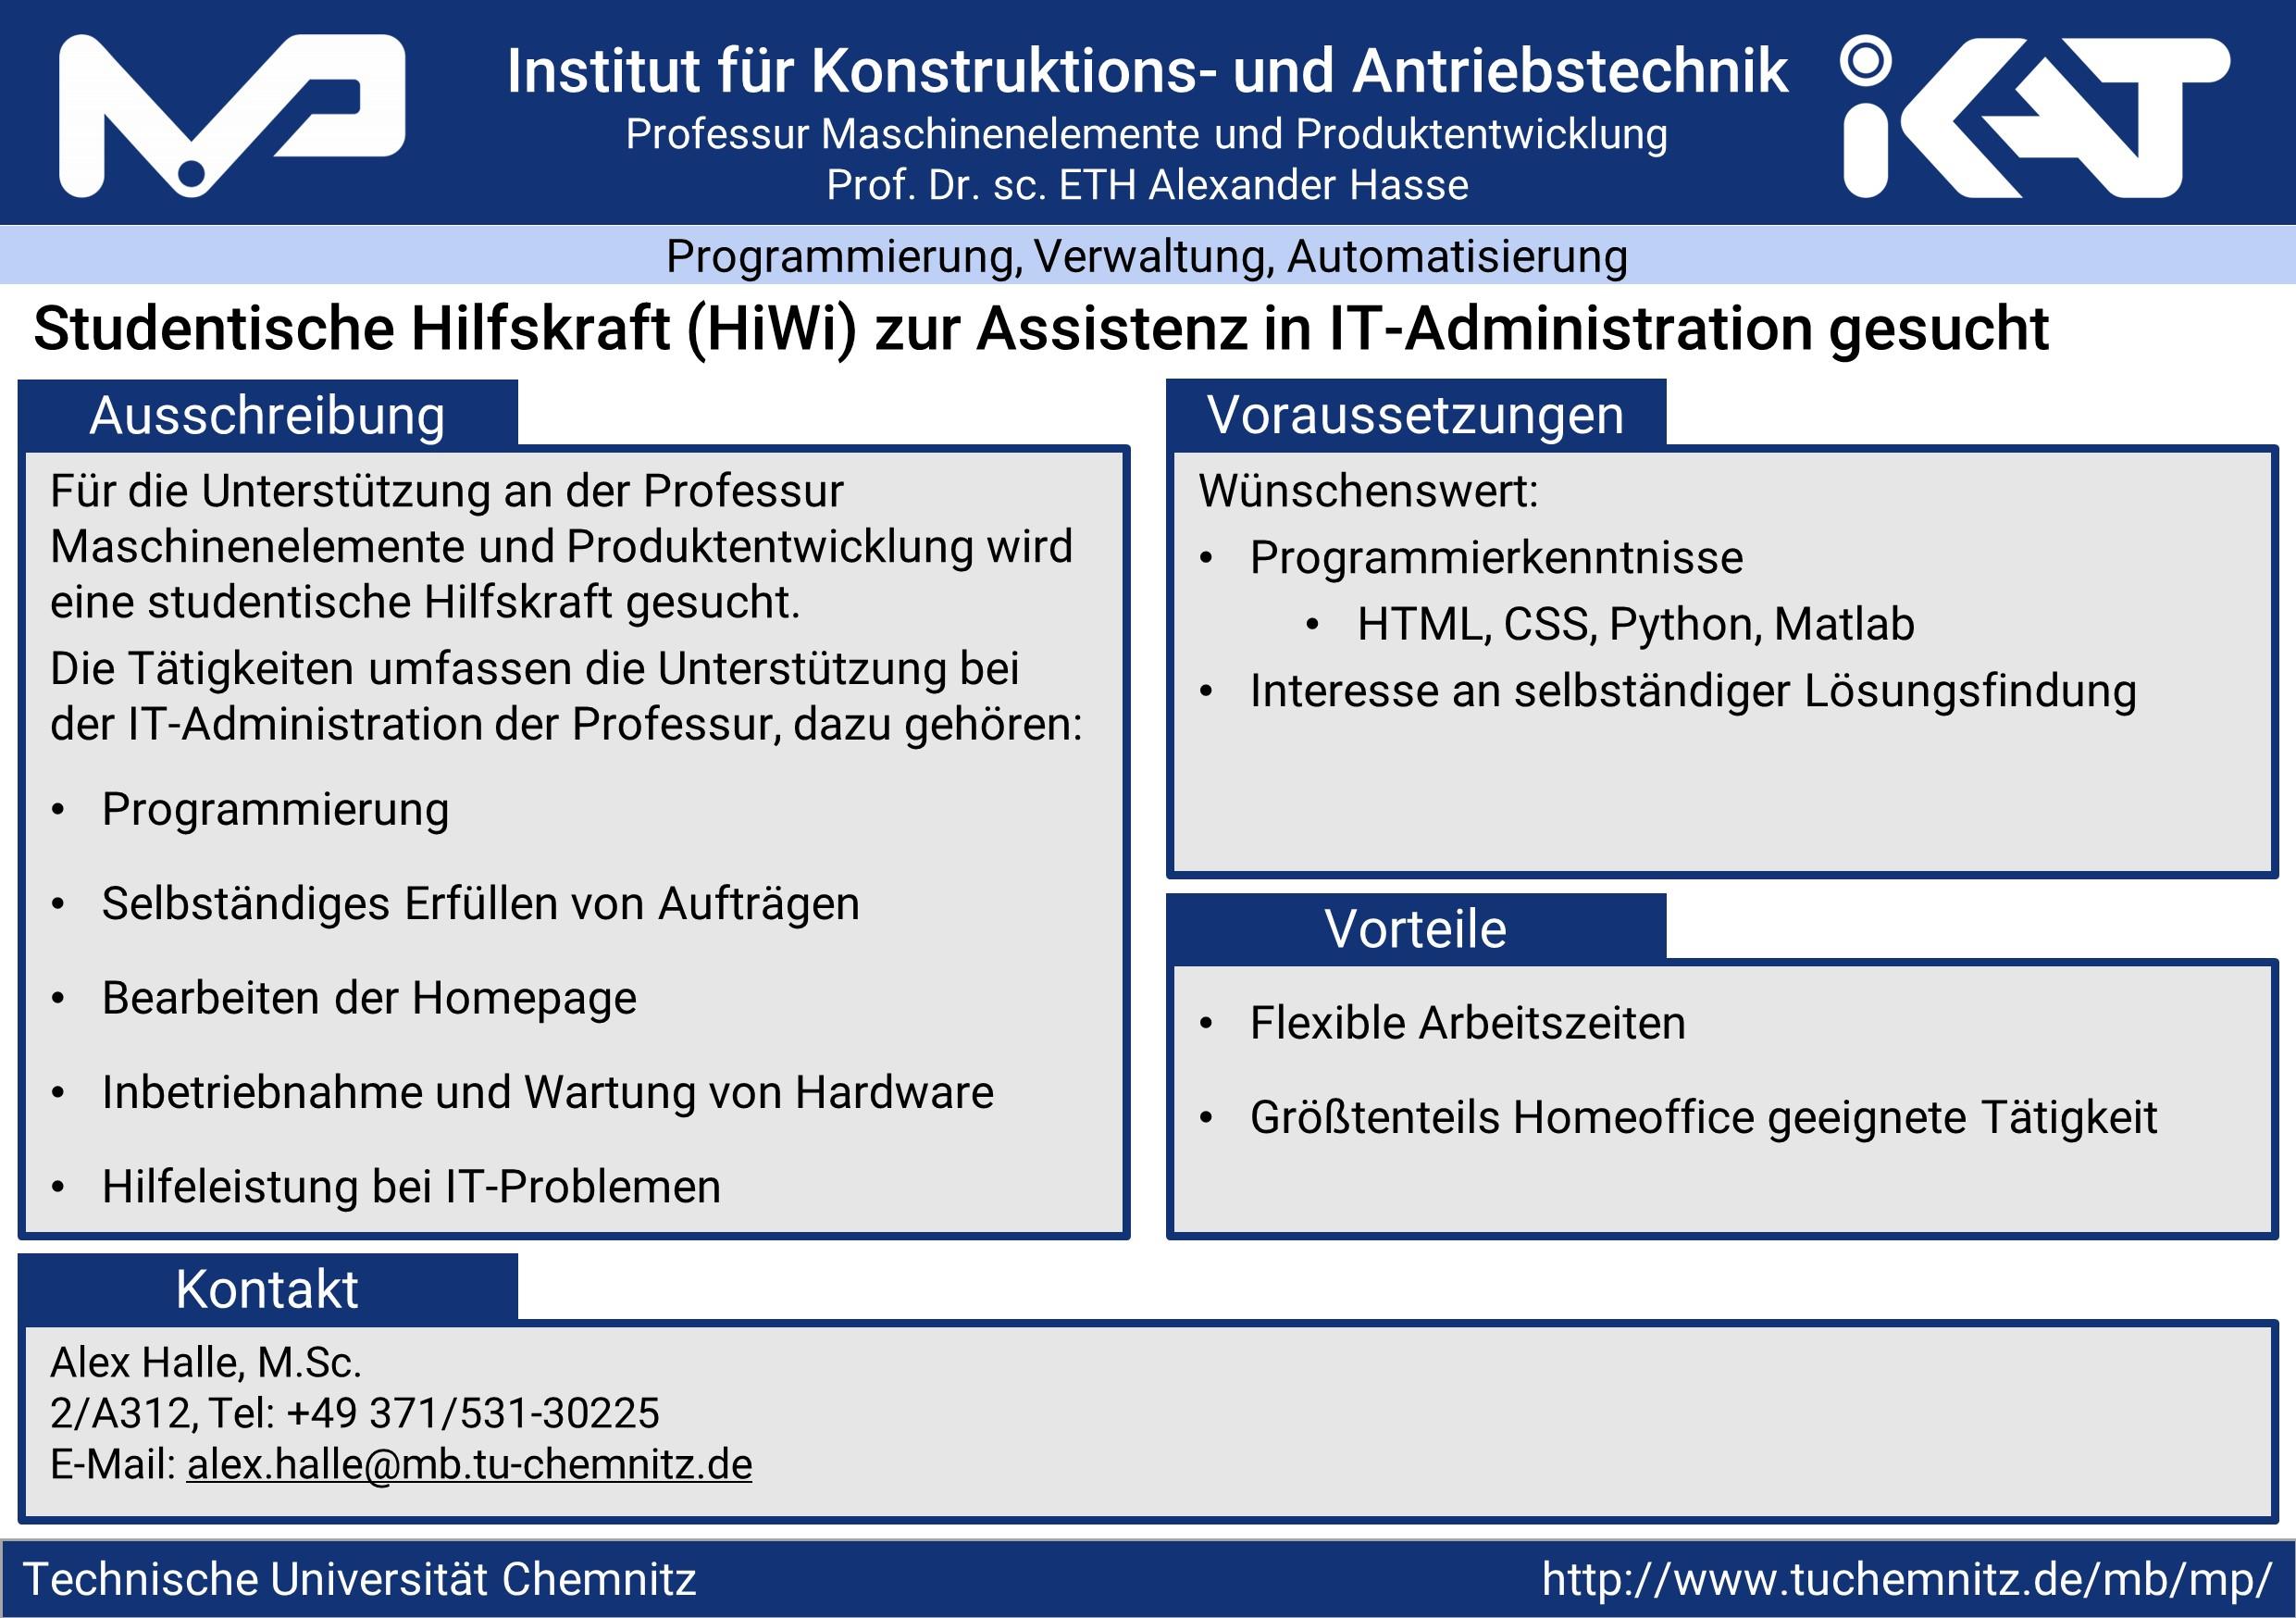 Studentische Hilfskraft (HiWi) zur Assistenz in IT-Administration gesucht